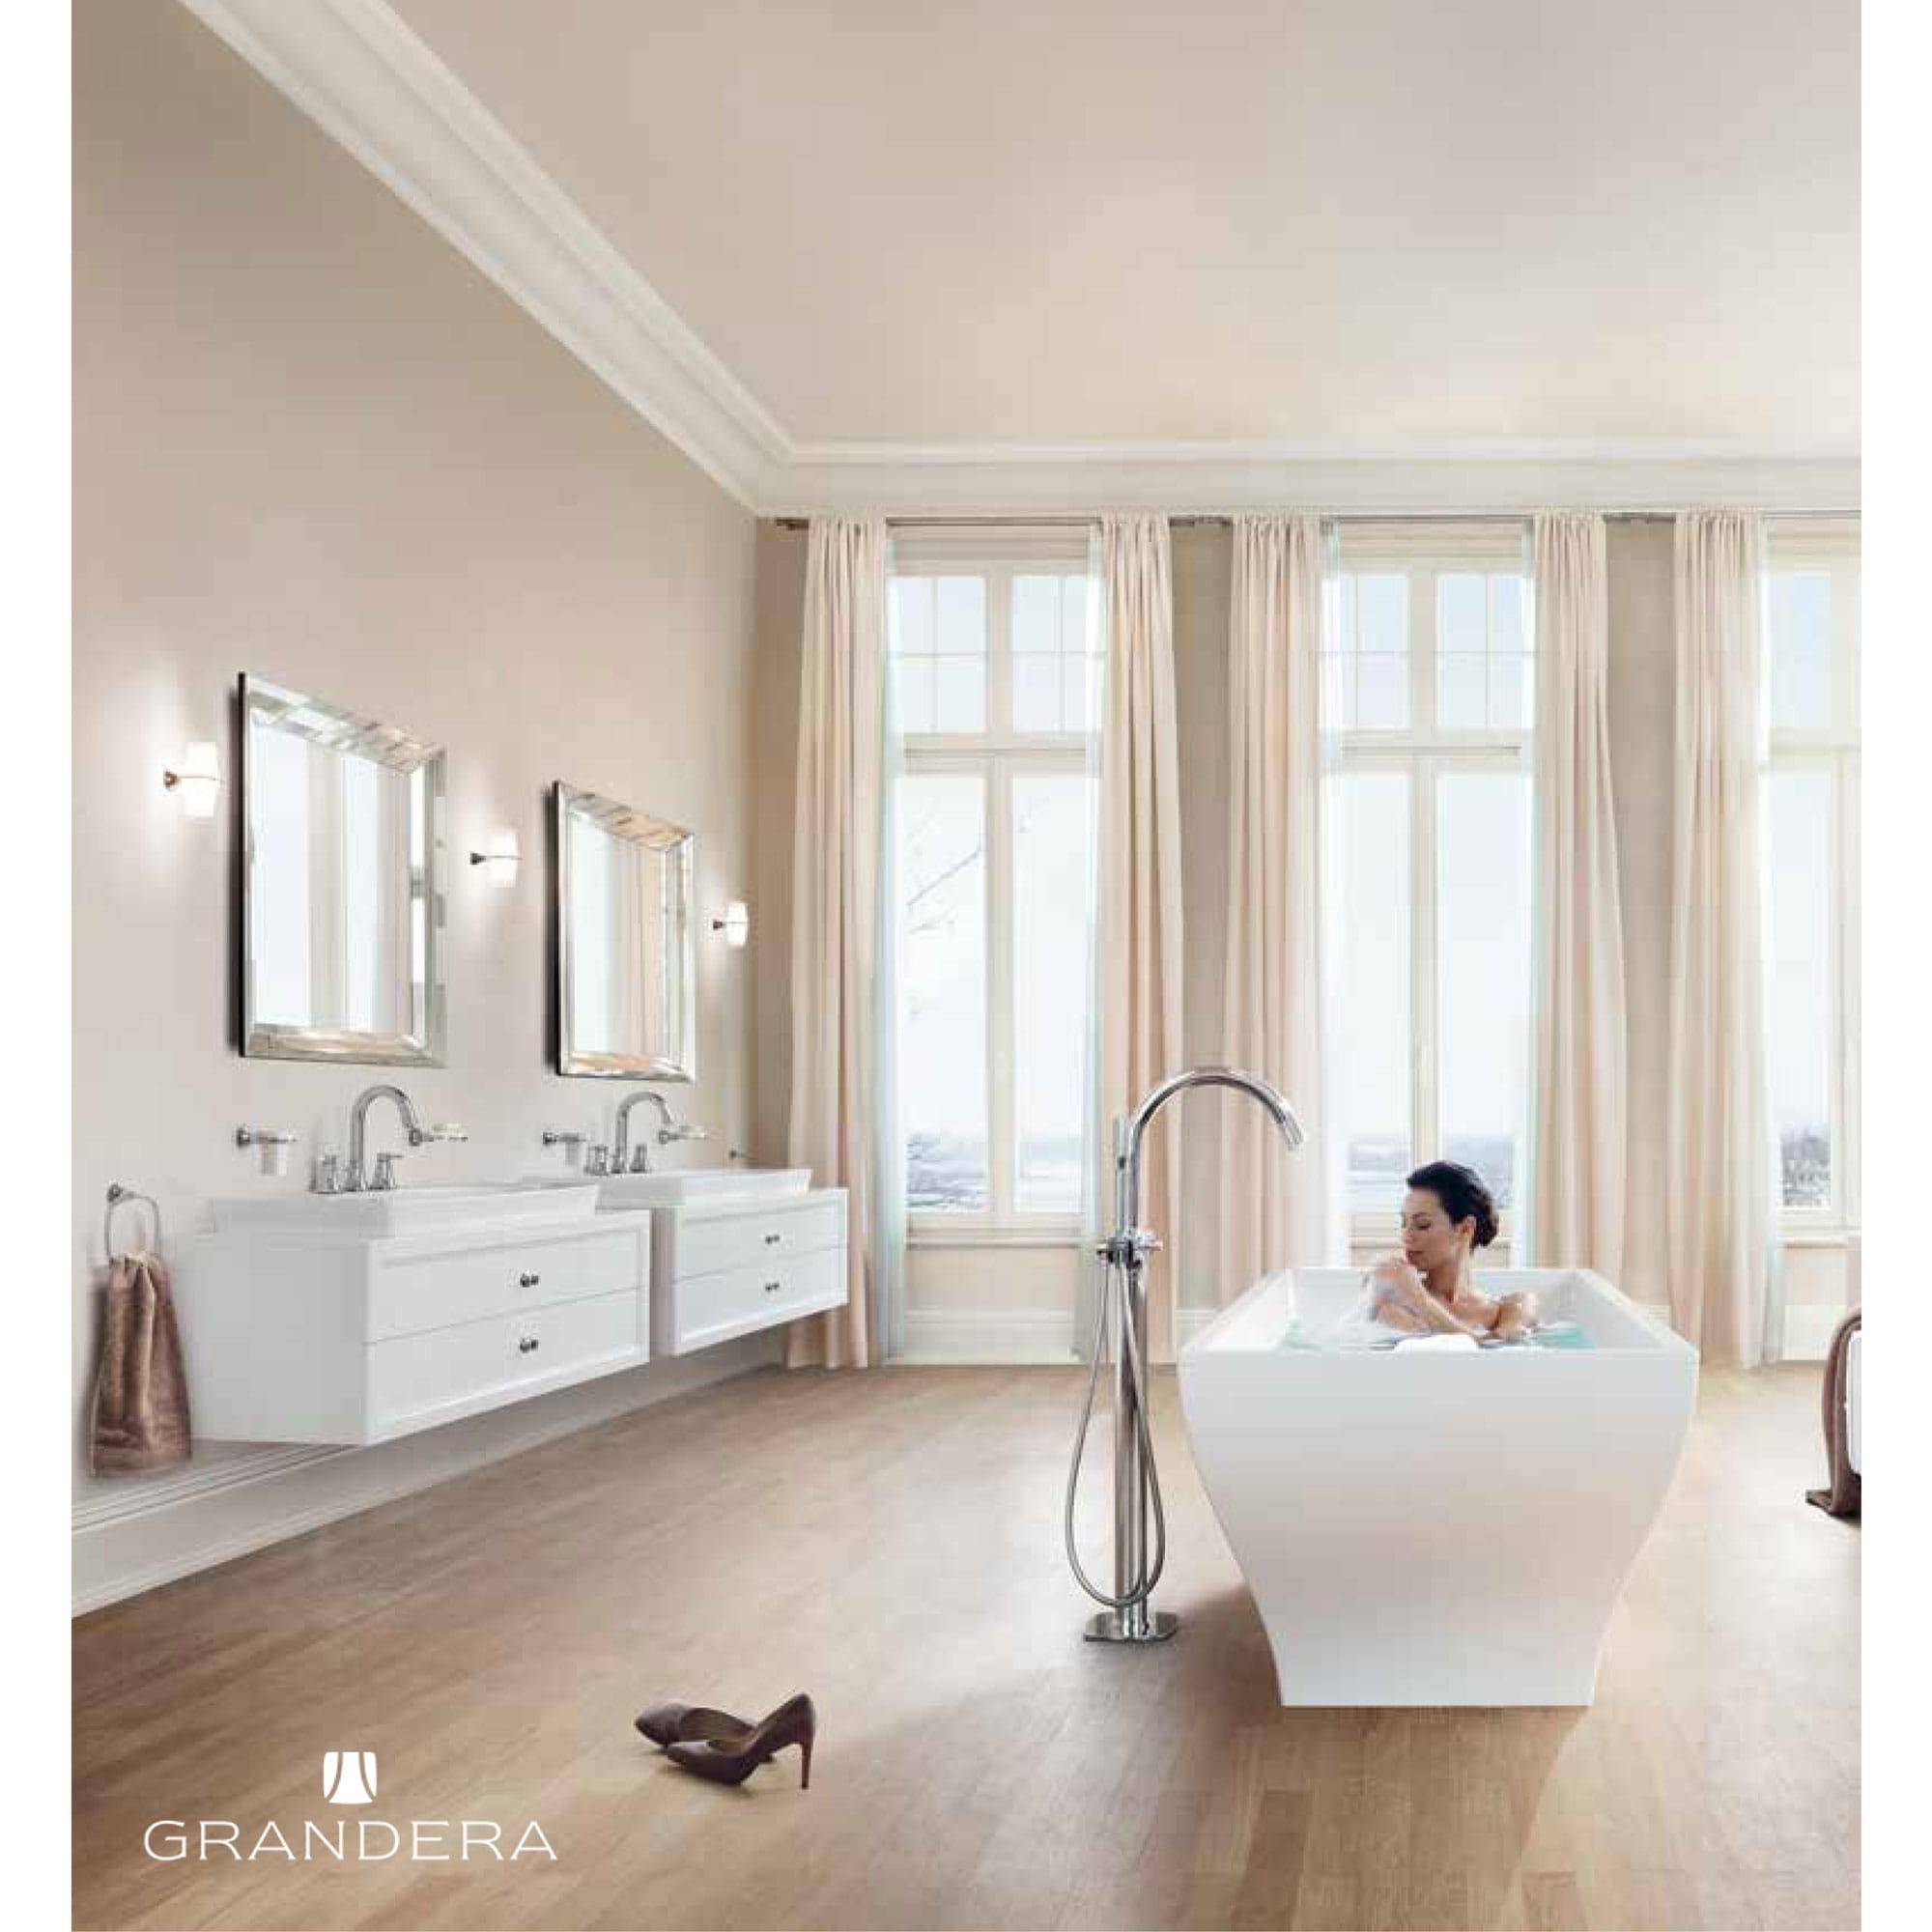 salle de bains thème de bronzage avec la femme dans la baignoire